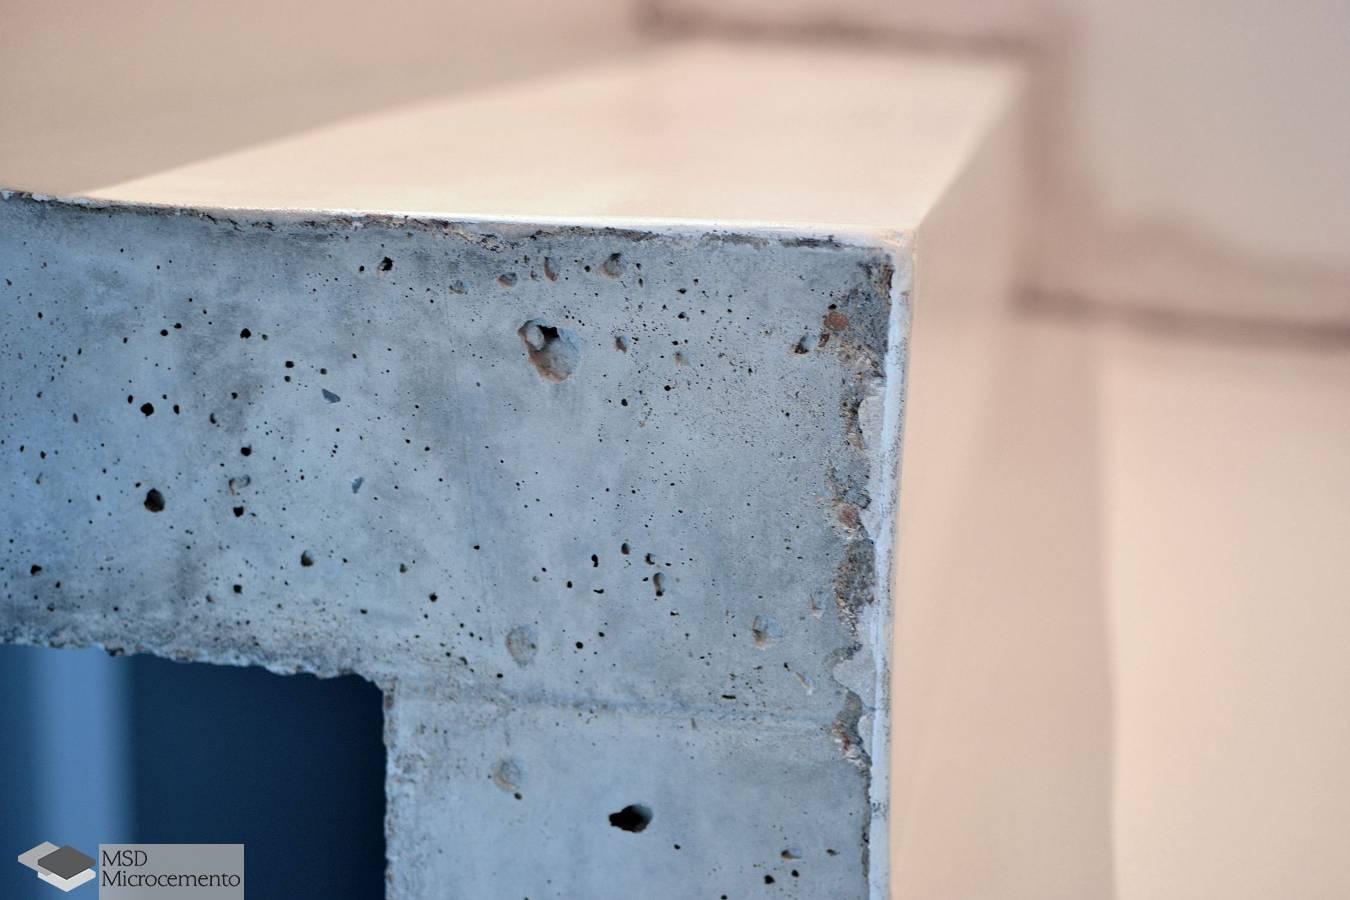 Baño Microcemento Blanco:Detalle escalon microcemento blanco